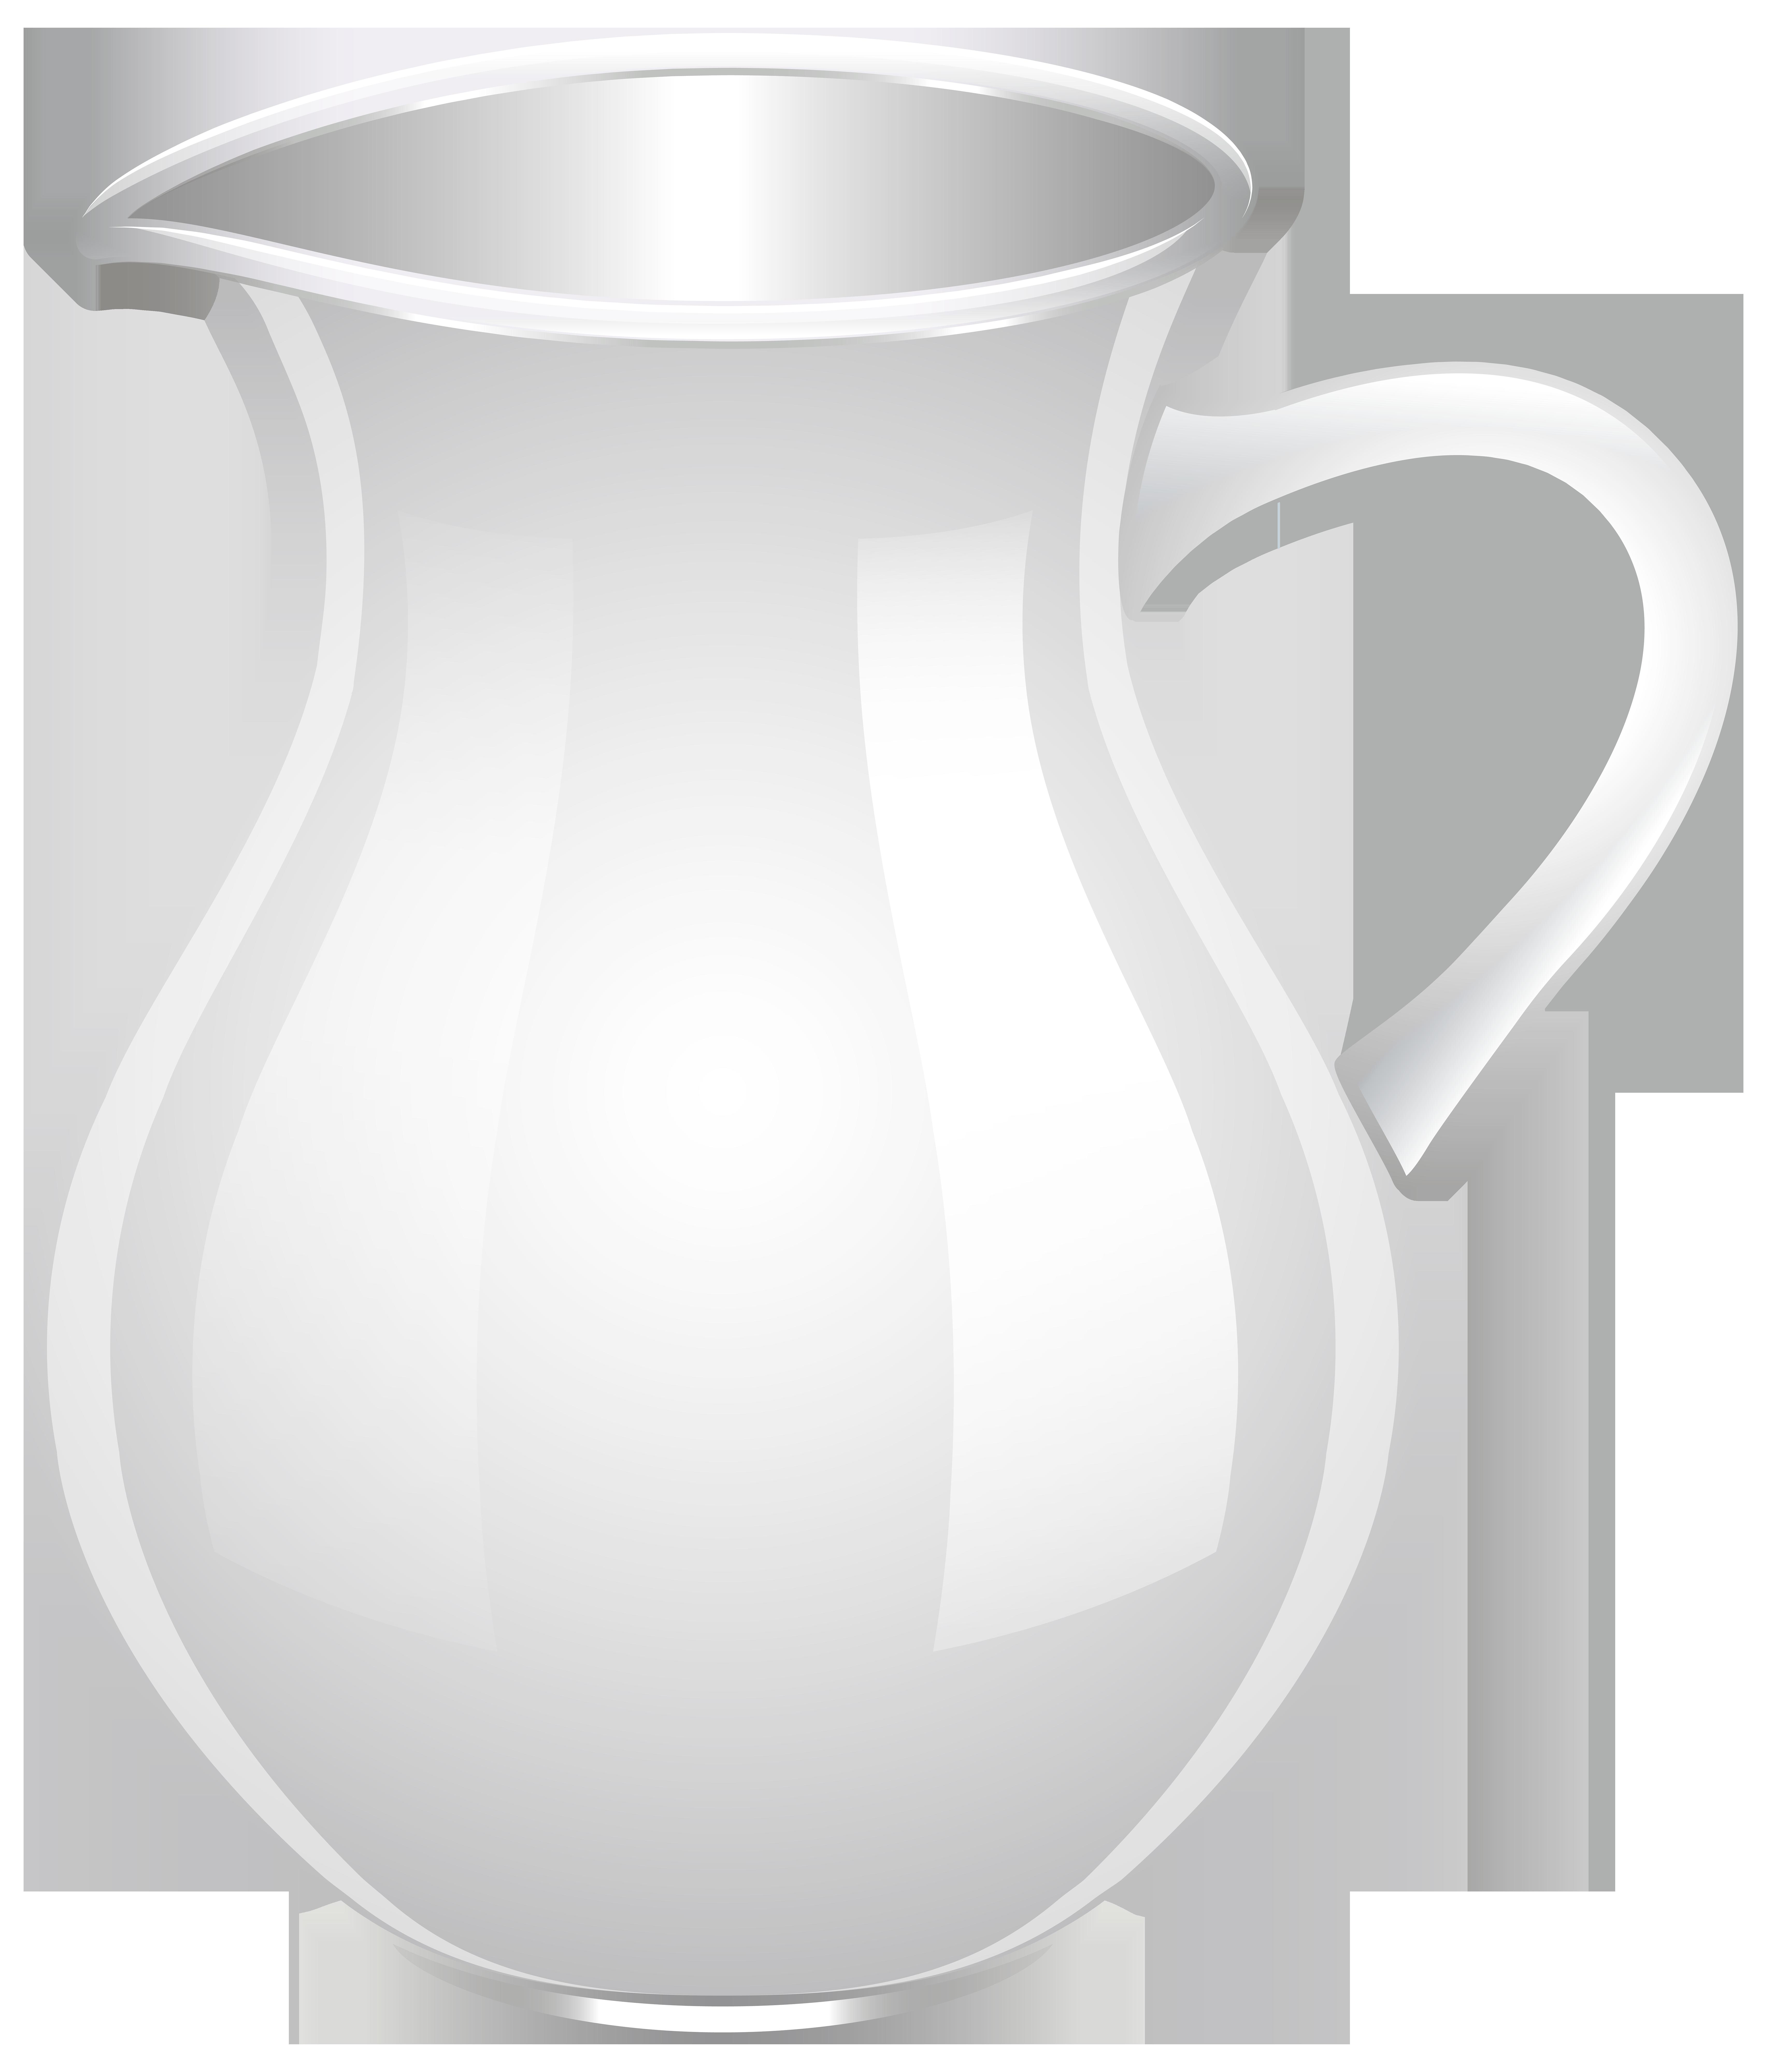 image royalty free stock White png clip art. Mug clipart jug.